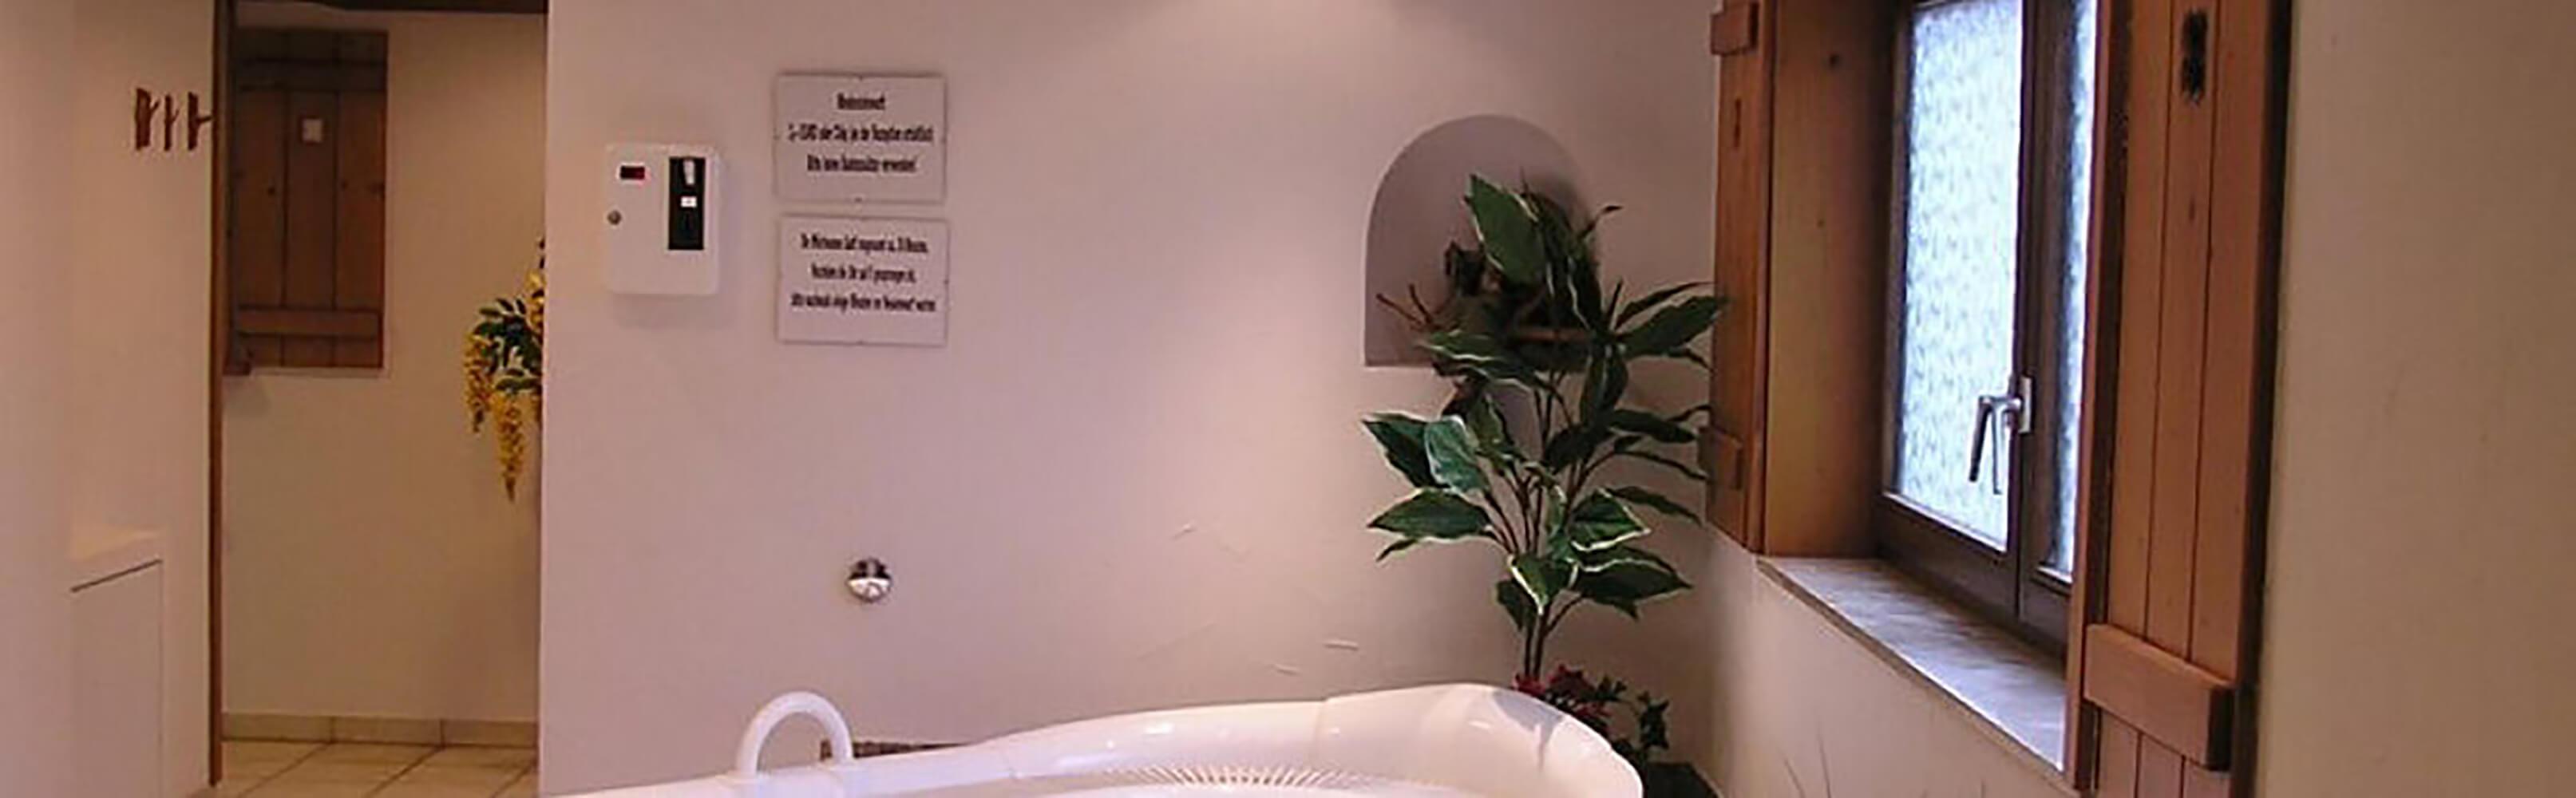 Wander- und Wellnesshotel Winterhaldenhof 1